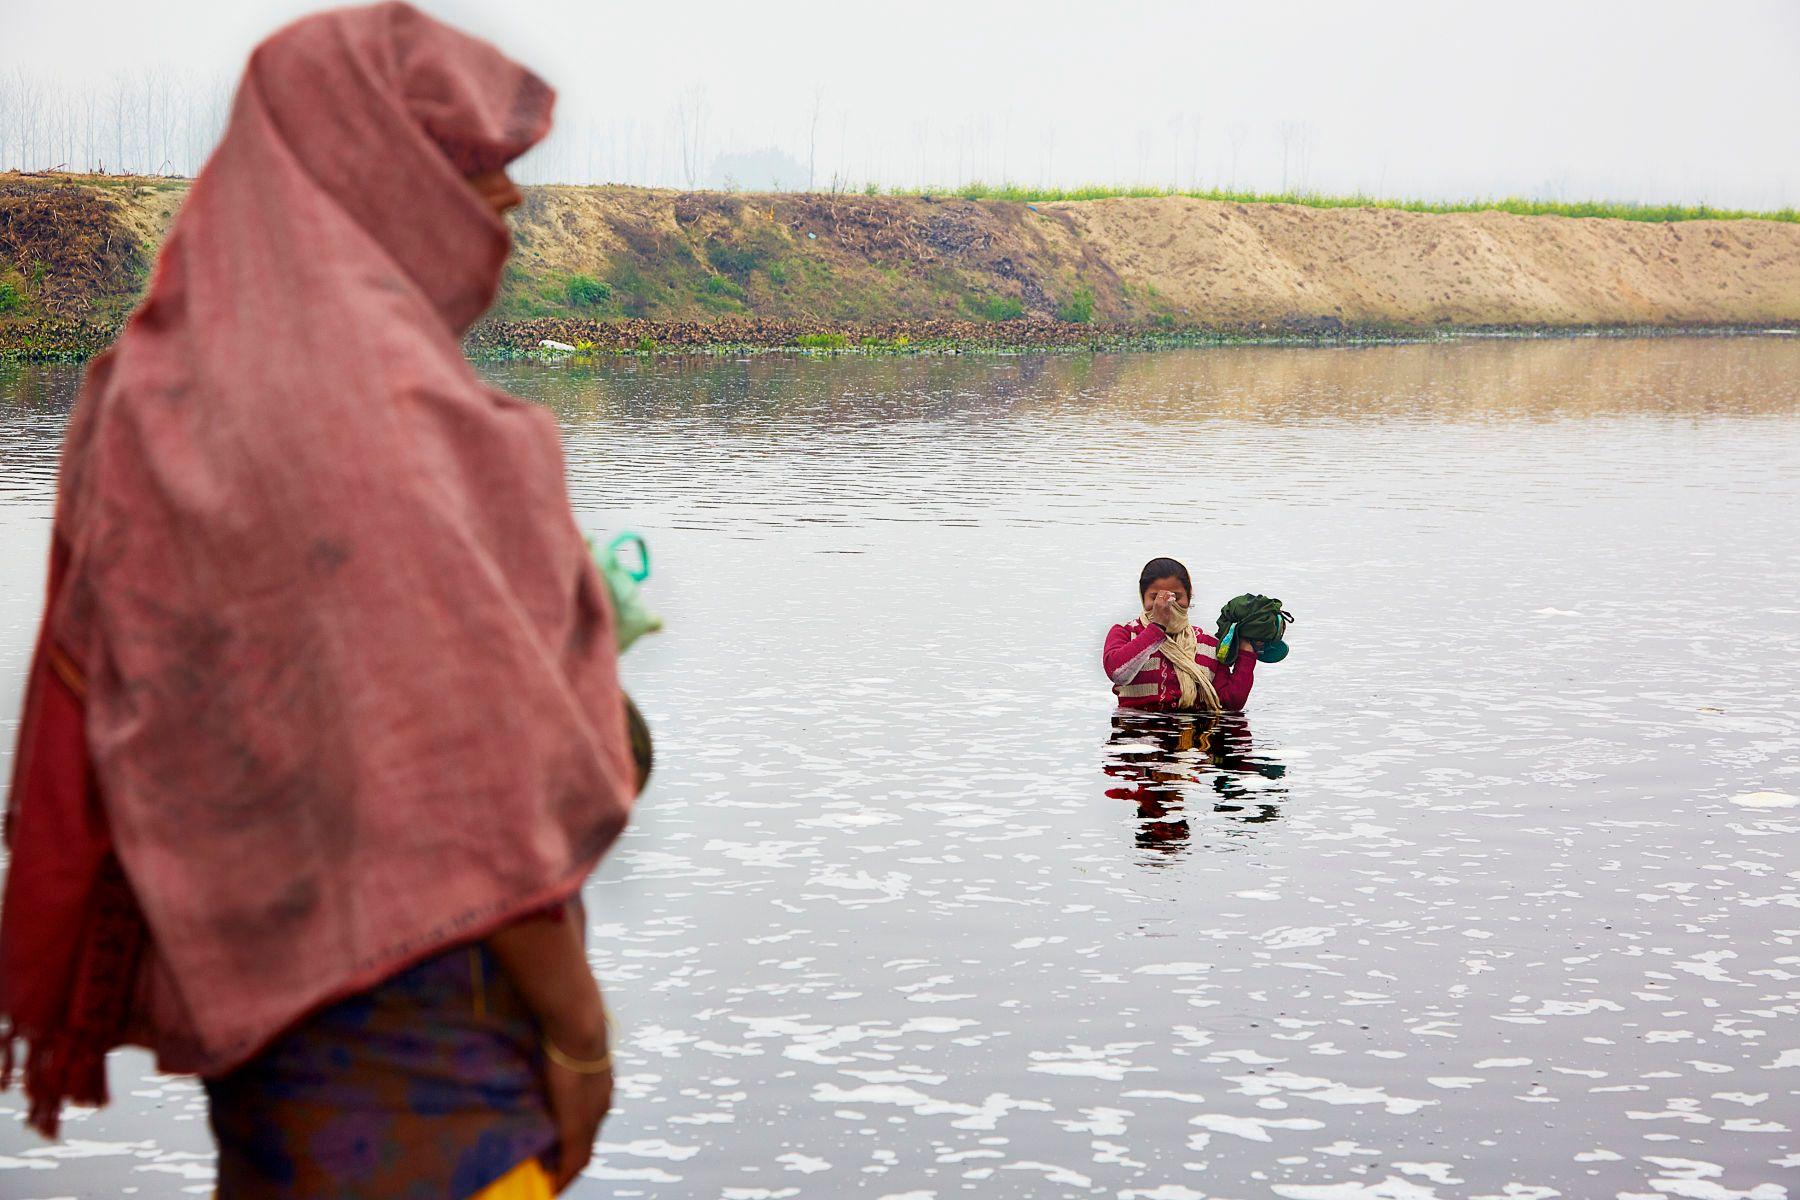 105_2015_01_india_hindon_river_0005.jpg